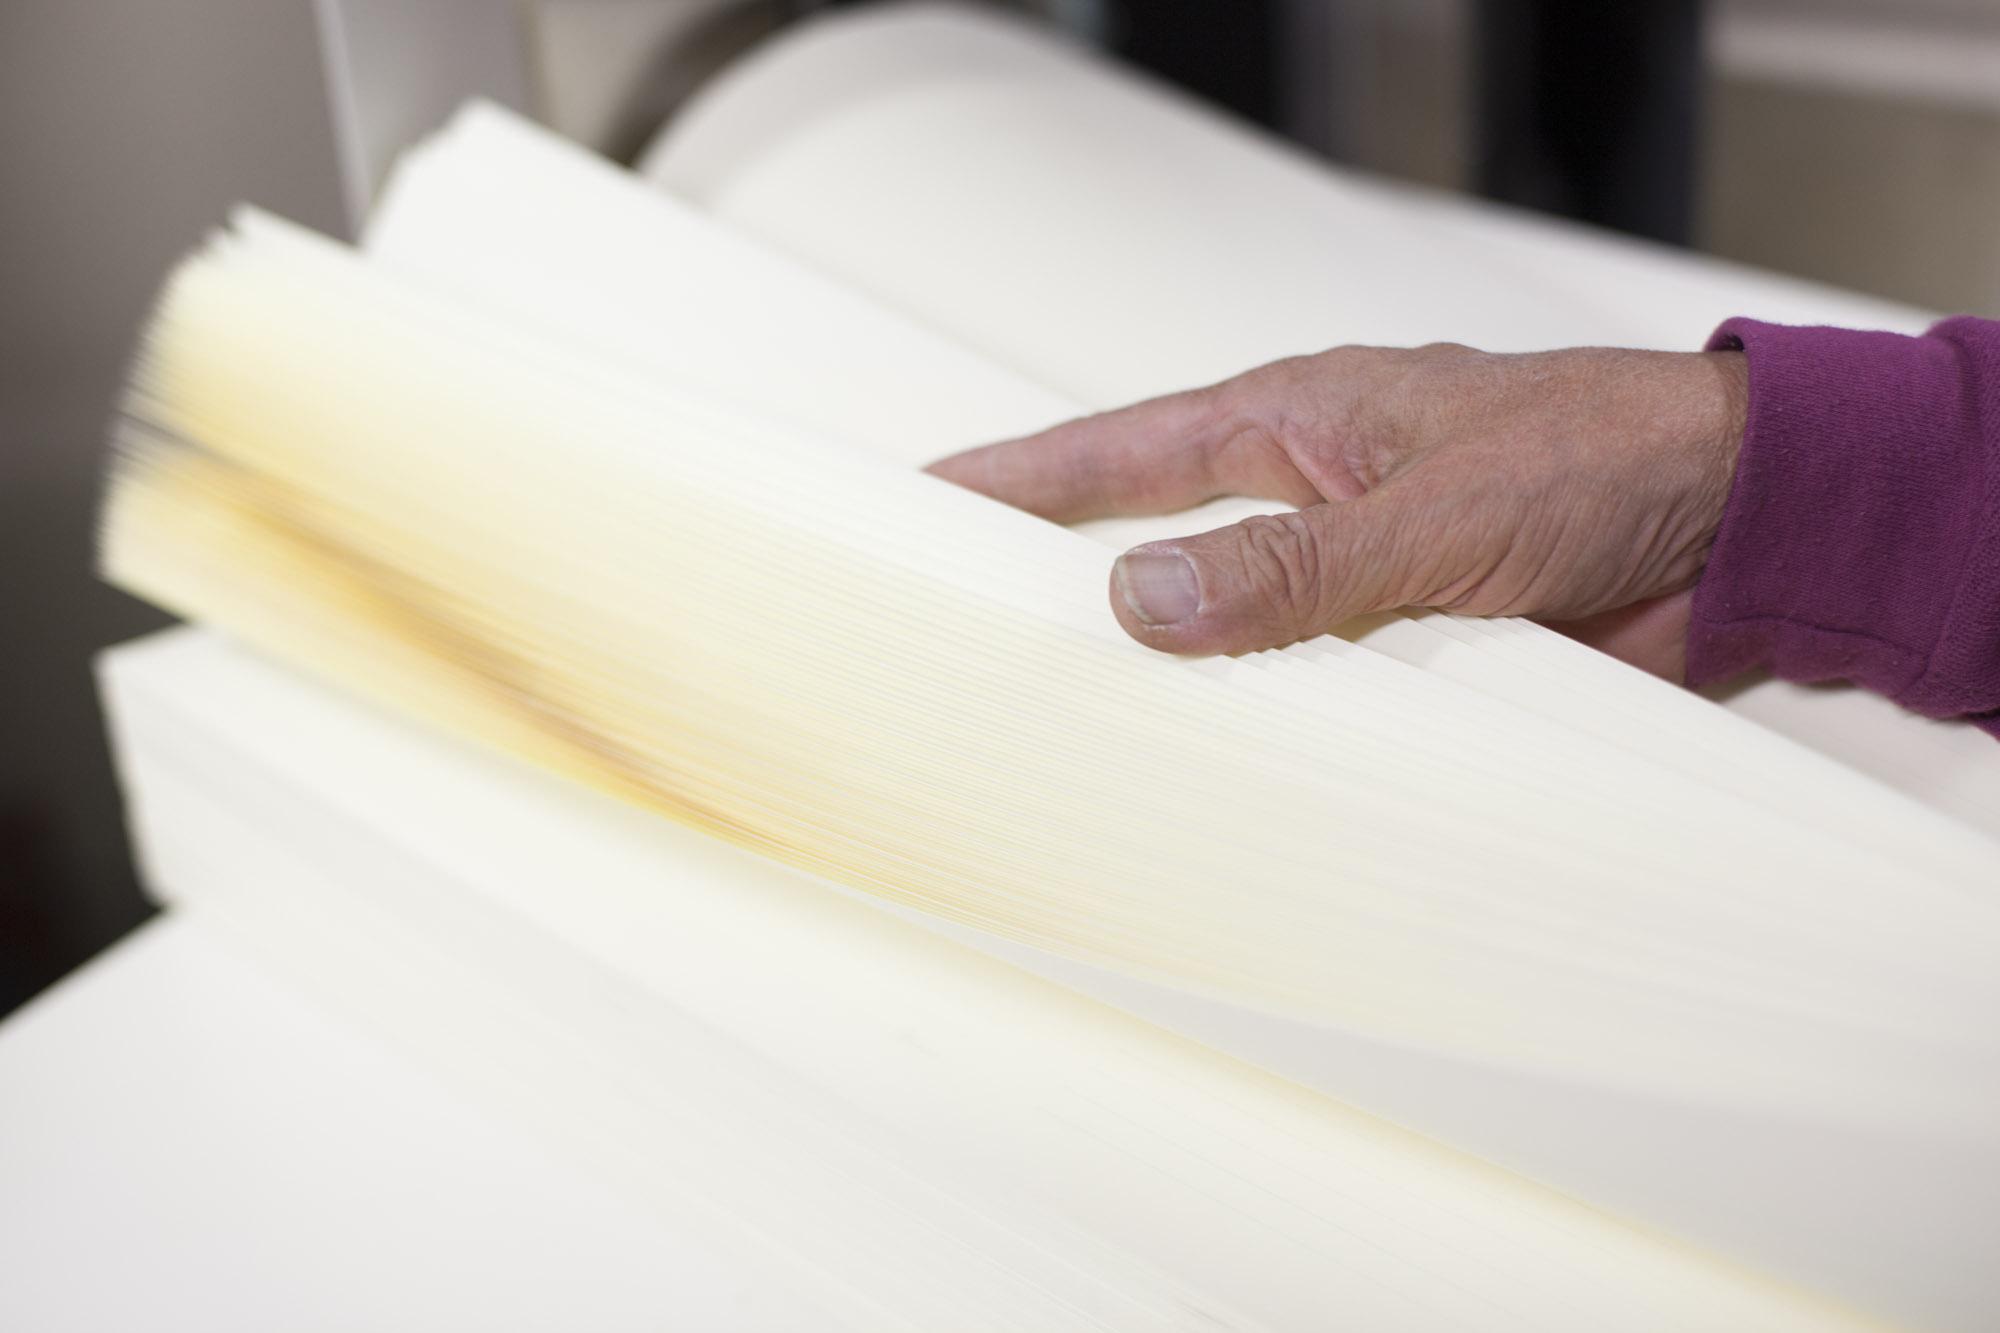 わずか一瞬の出来事なので、紙をさばいているように見えますが、実は10枚ずつ間に指を入れて数えています。<br />満足にできるようになるまで10年はかかるとか。